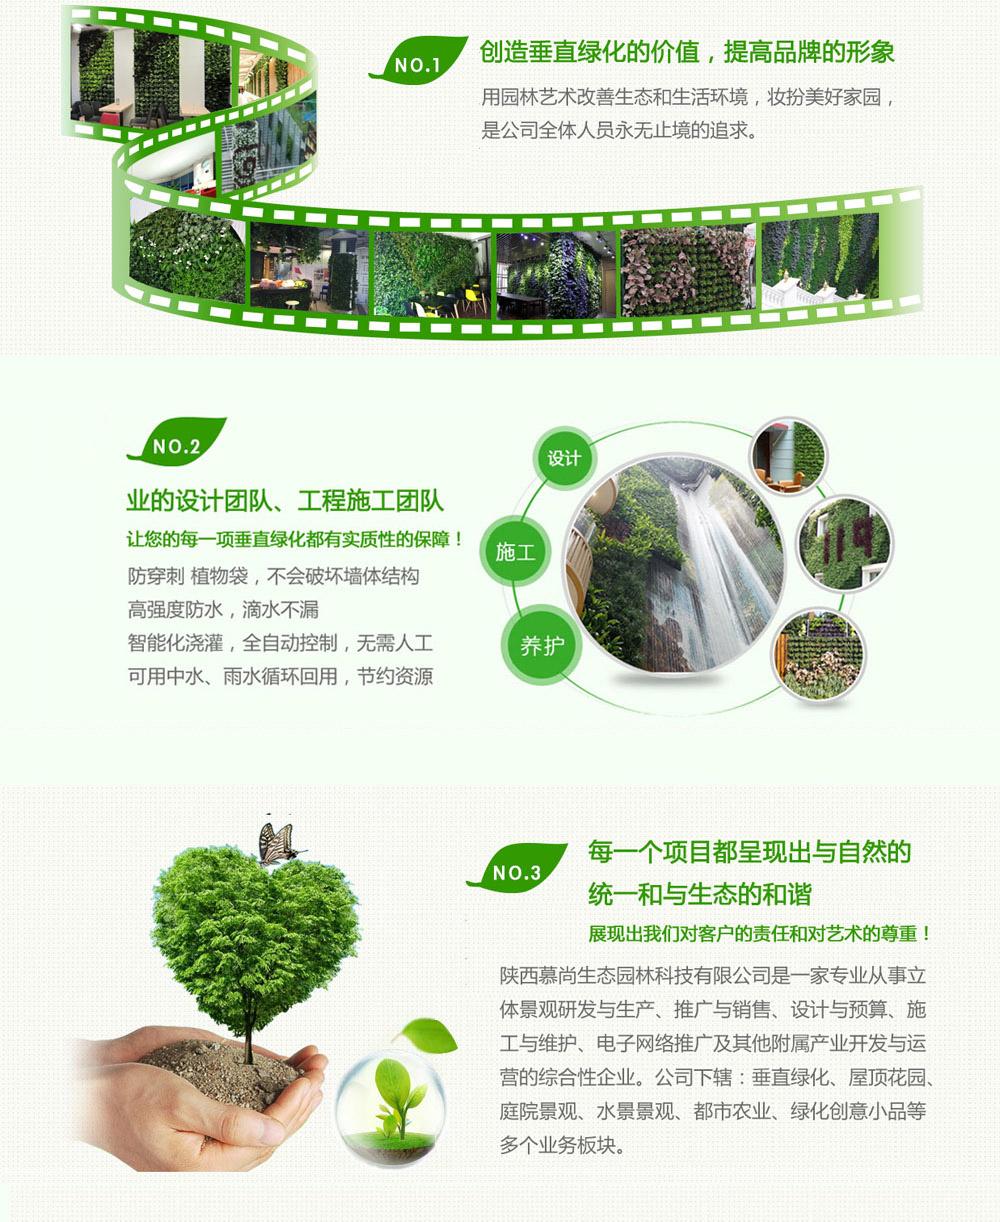 西安植物墙,西安墙体绿化,西安屋顶花园,西安屋顶绿化,西安立体绿化,西安垂直绿化,西安立体绿雕